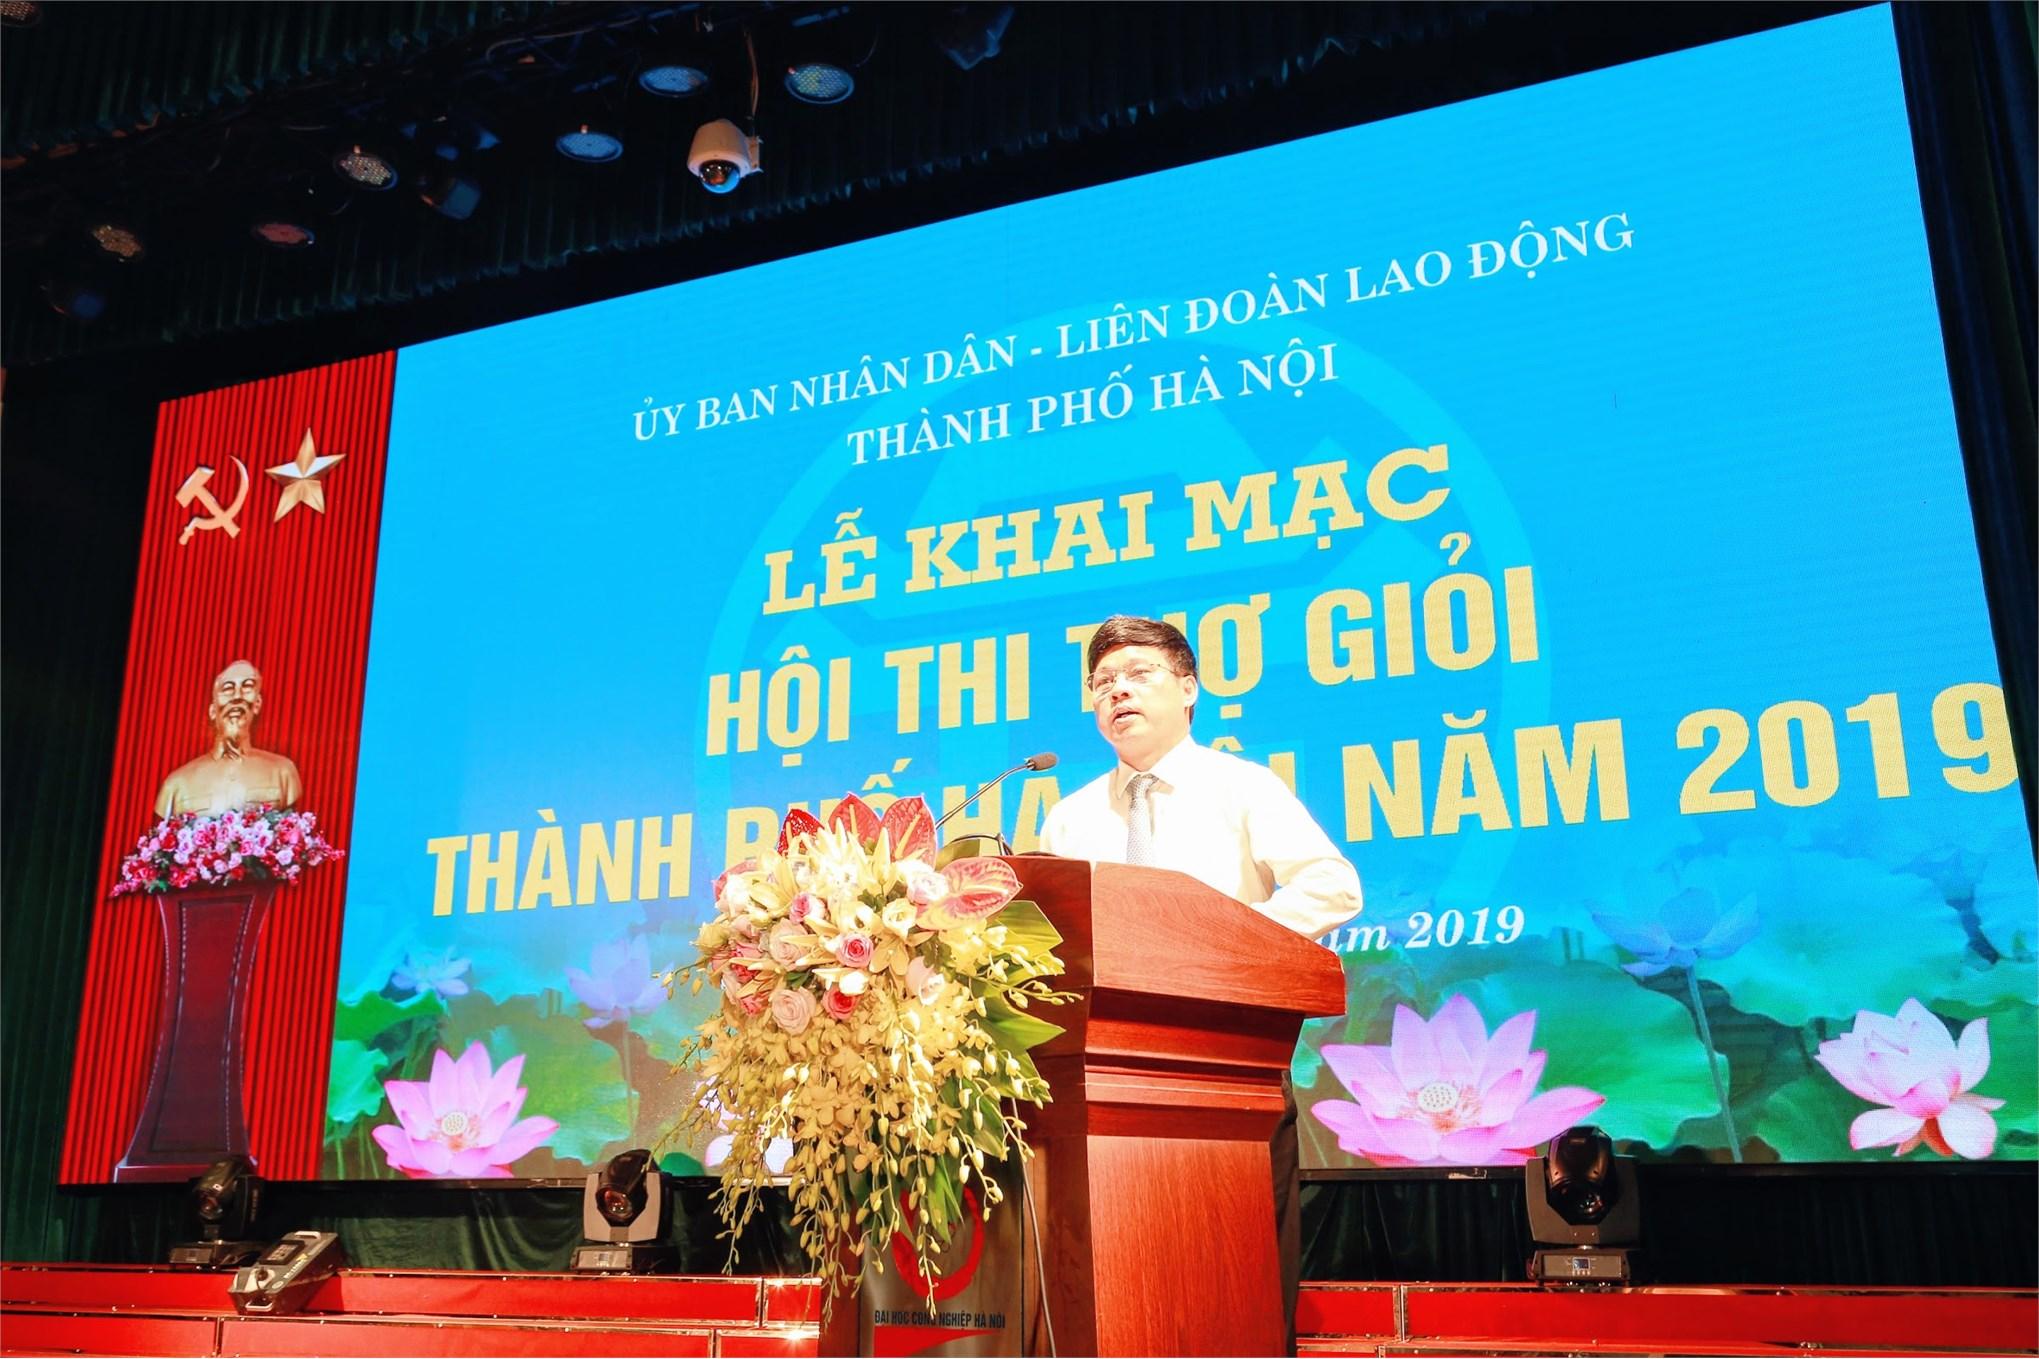 Ông Ngô Văn Quý - Thành uỷ viên, Phó chủ tịch UBND thành phố Hà Nội - Trưởng ban tổ chức